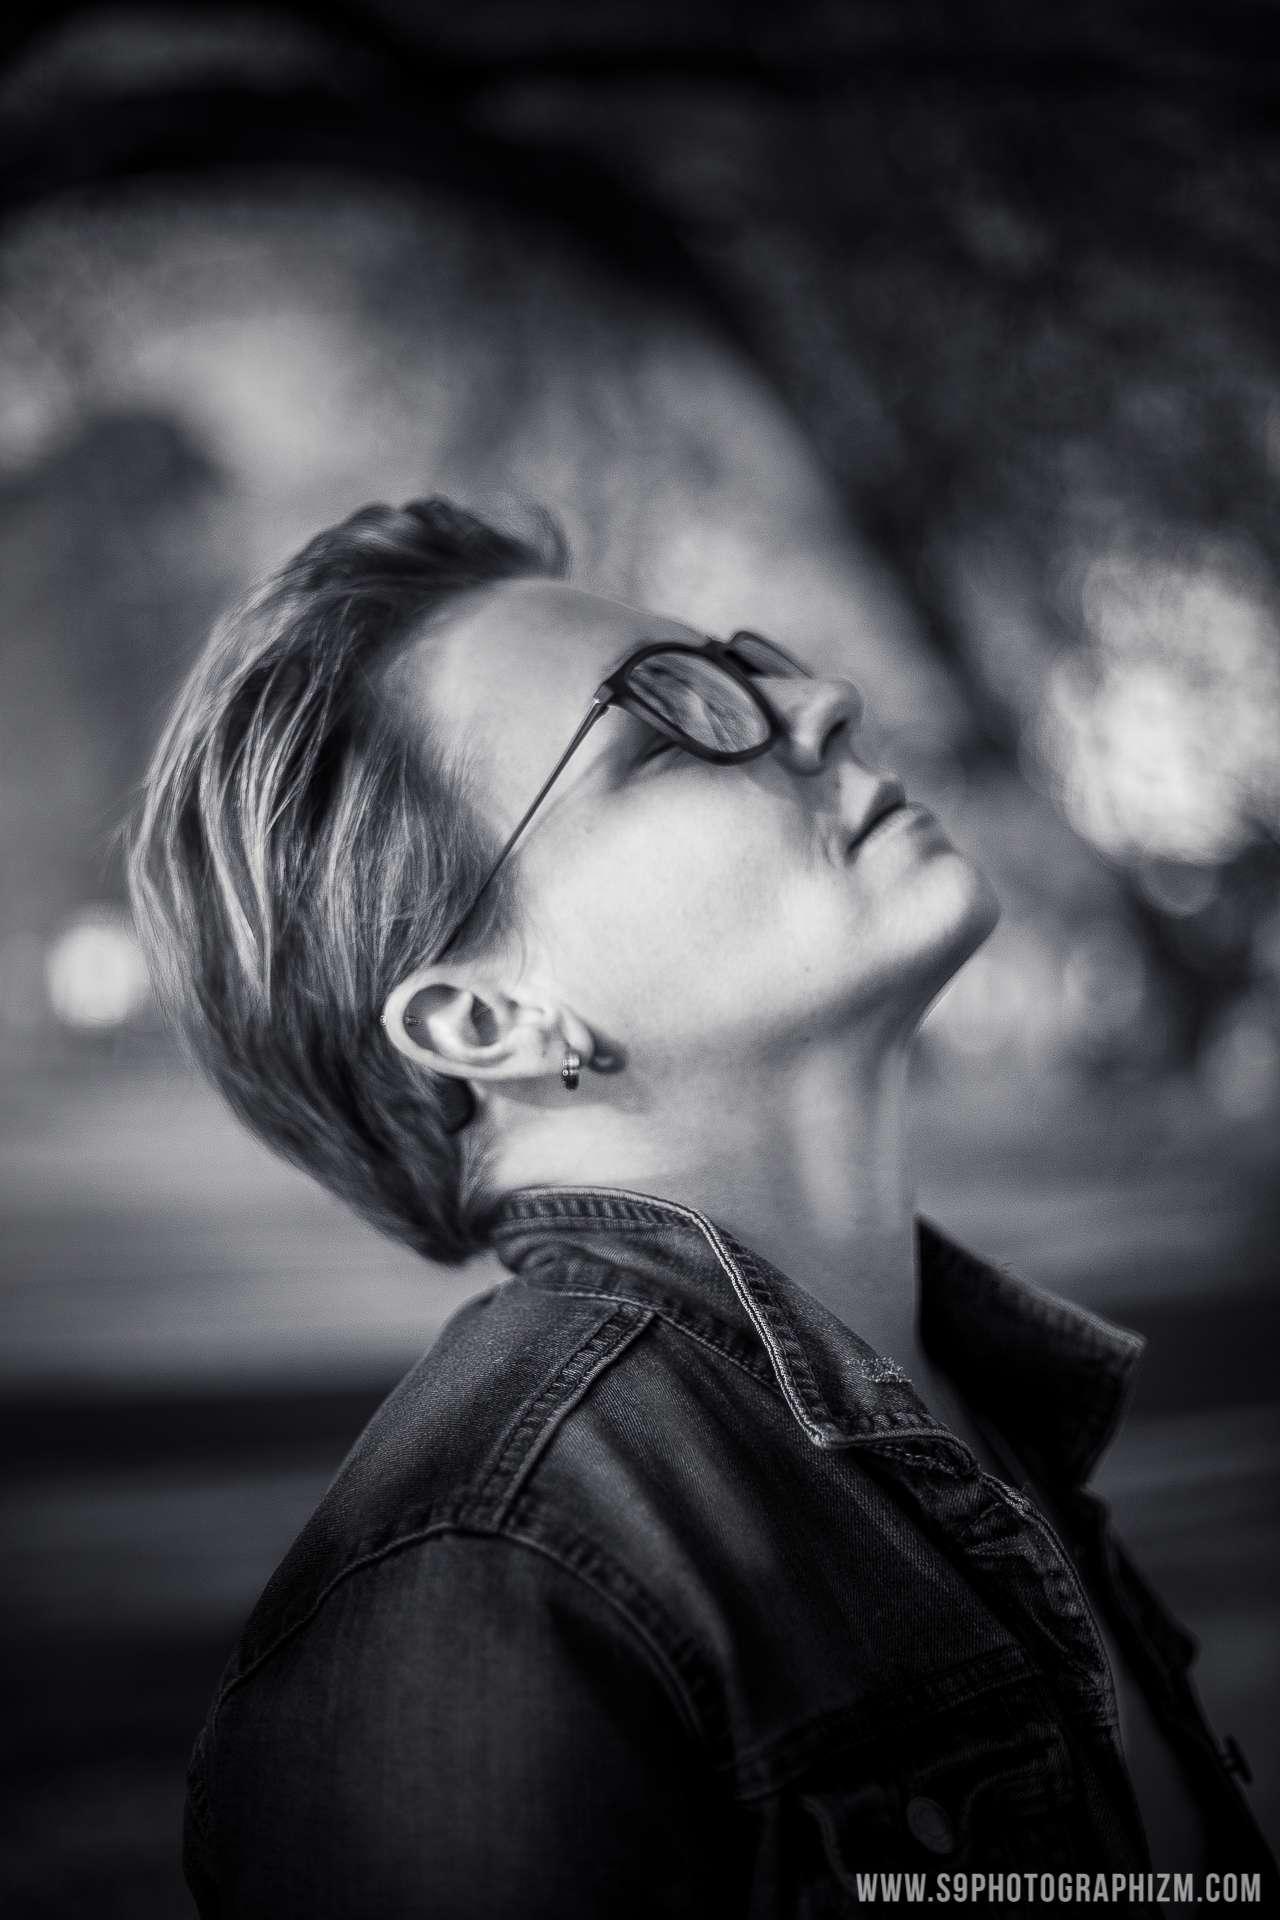 s9 photographizm photographe professionnelle portrait pour entreprise ou particulier